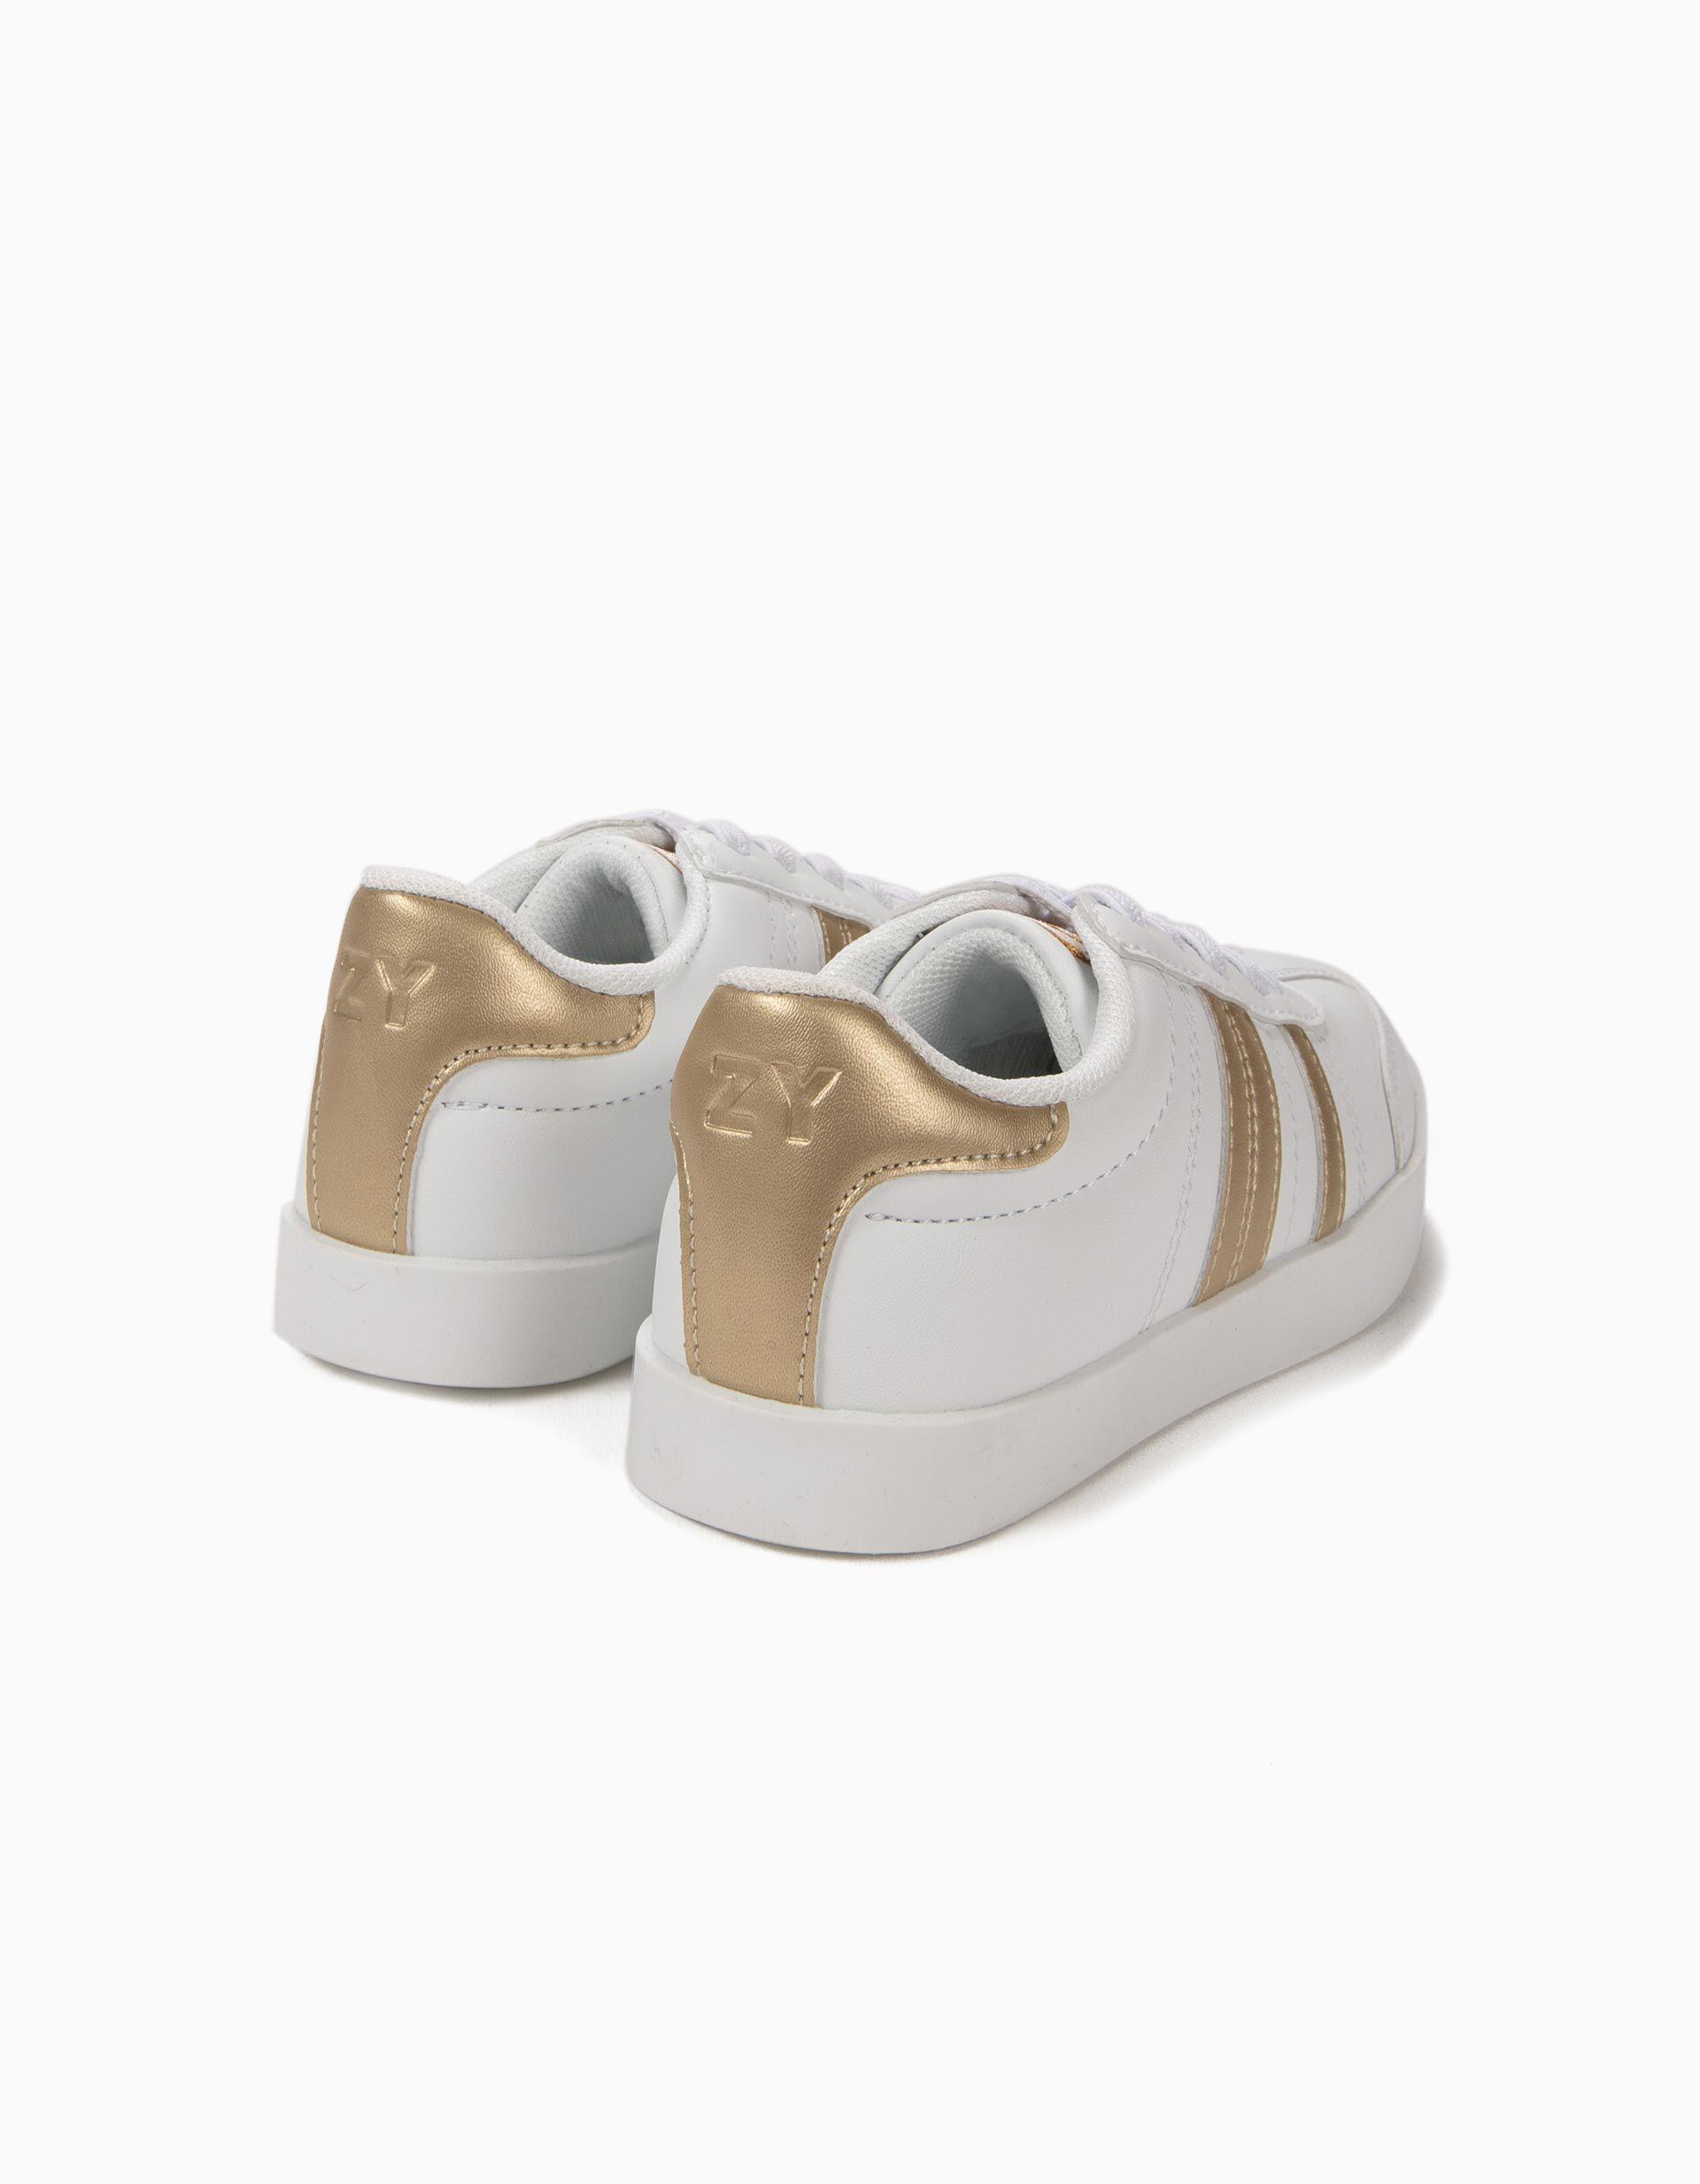 Sapatilhas para Criança 'ZY Retro' com Riscas, Branco e Dourado